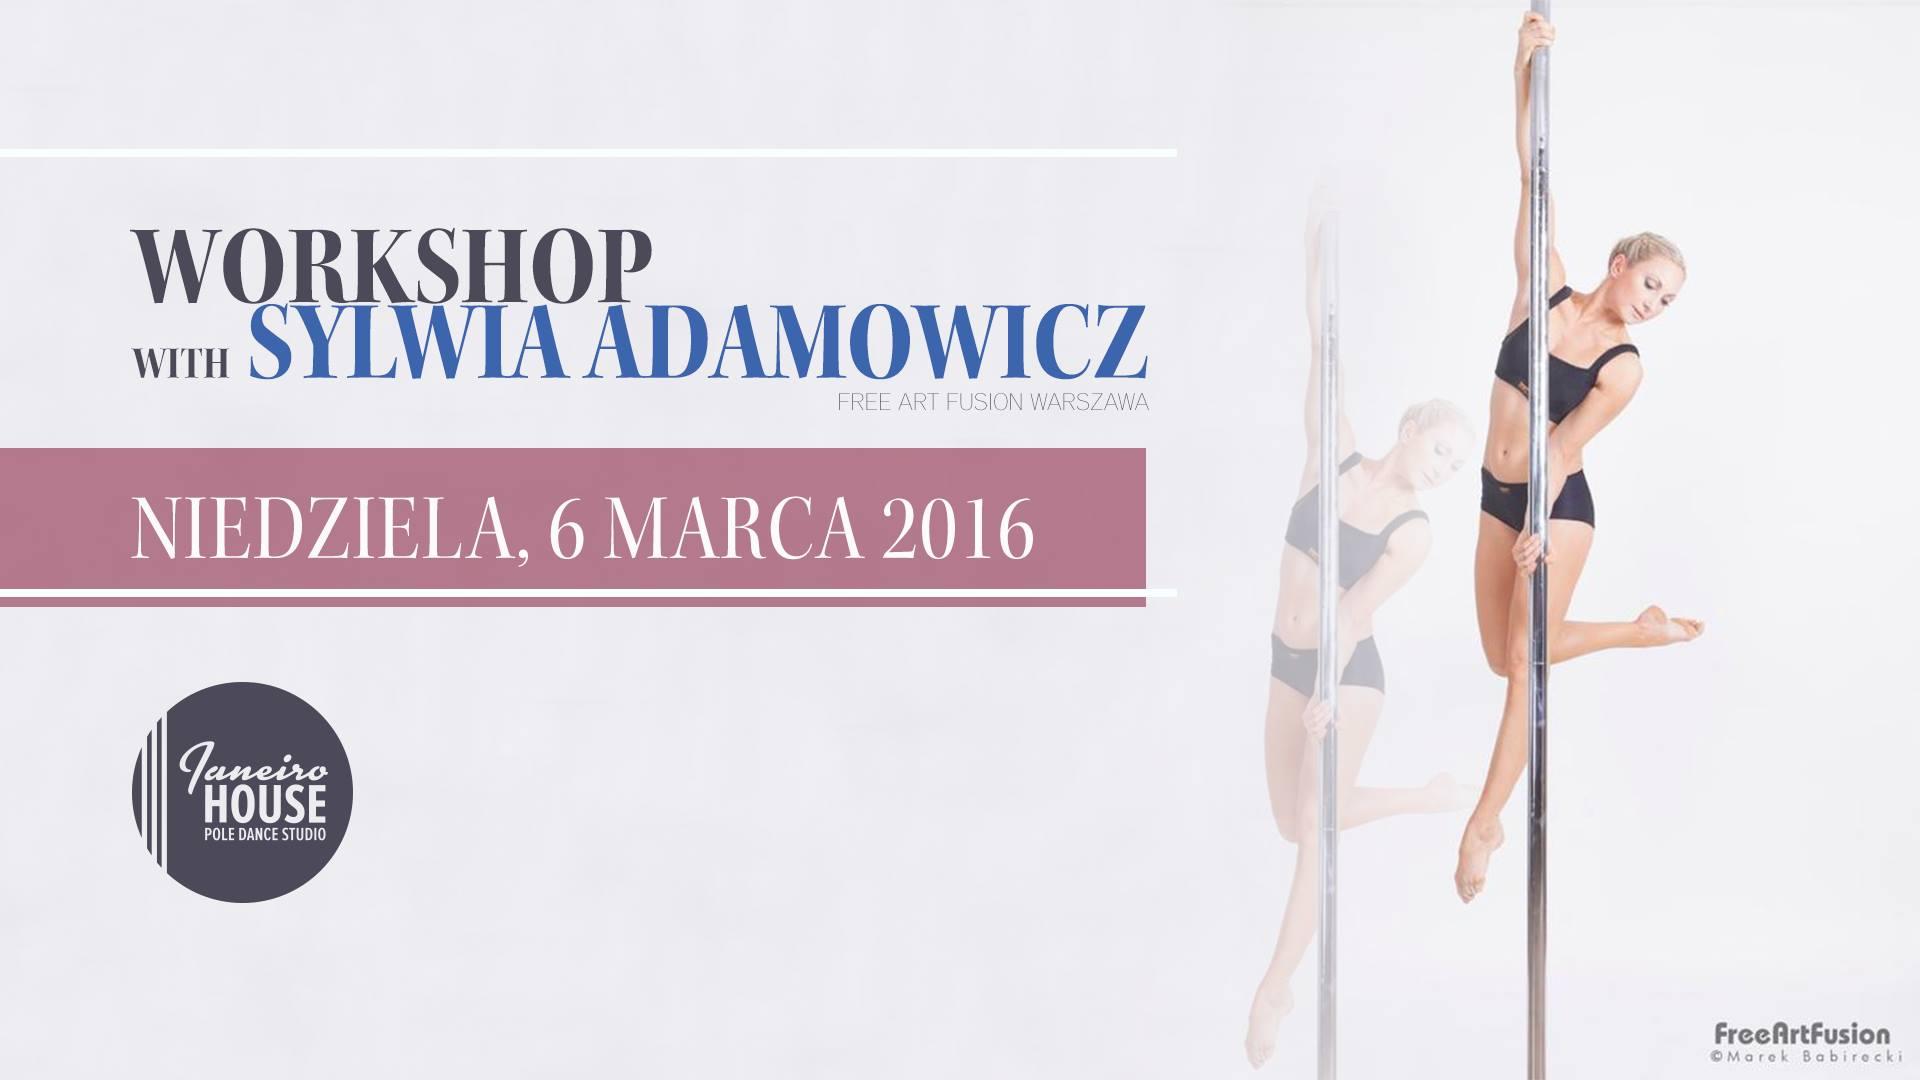 workshop with Sylwia Adamowicz | Warsztaty Pole Dance z Sylwią Adamowicz